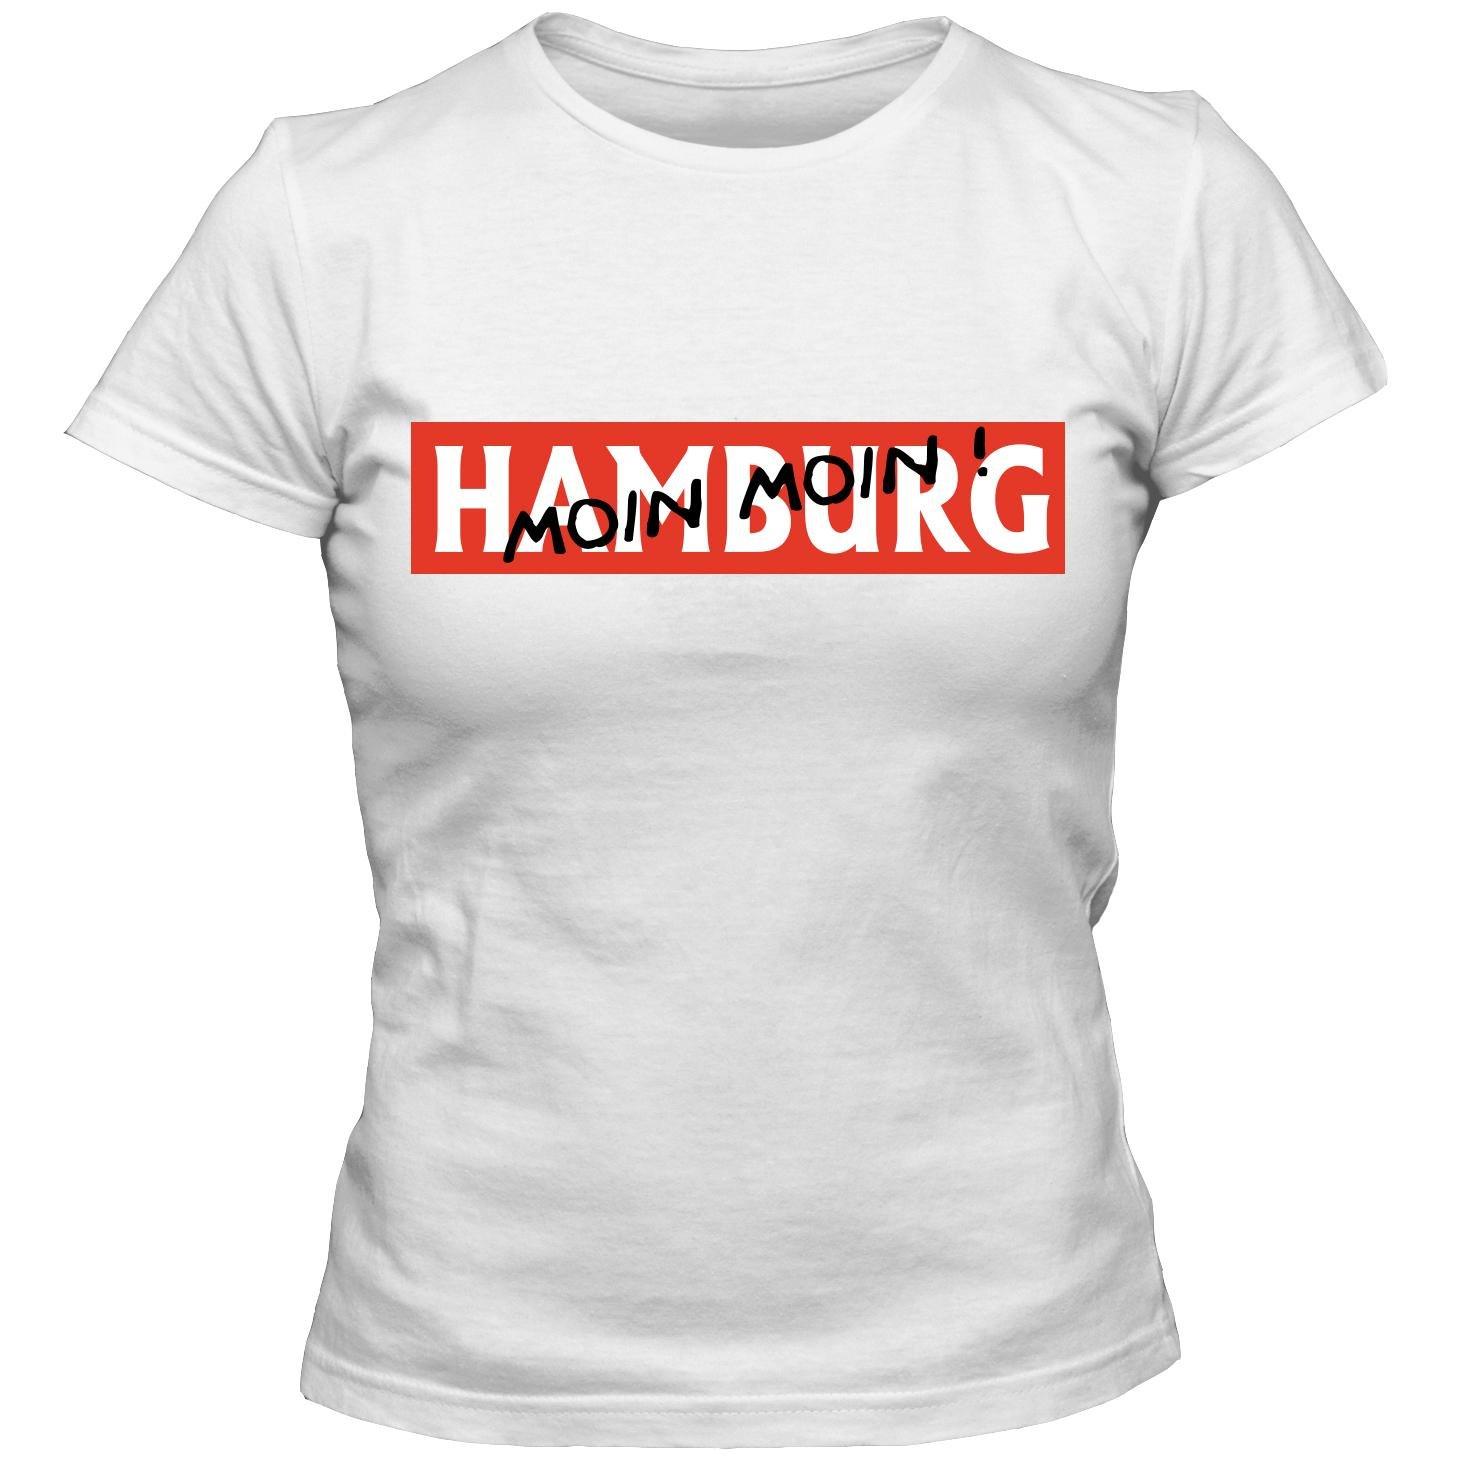 400b9d27040d Damen T-Shirt HAMBURG MOIN MOIN ! Tee S-3XL  Amazon.de  Bekleidung